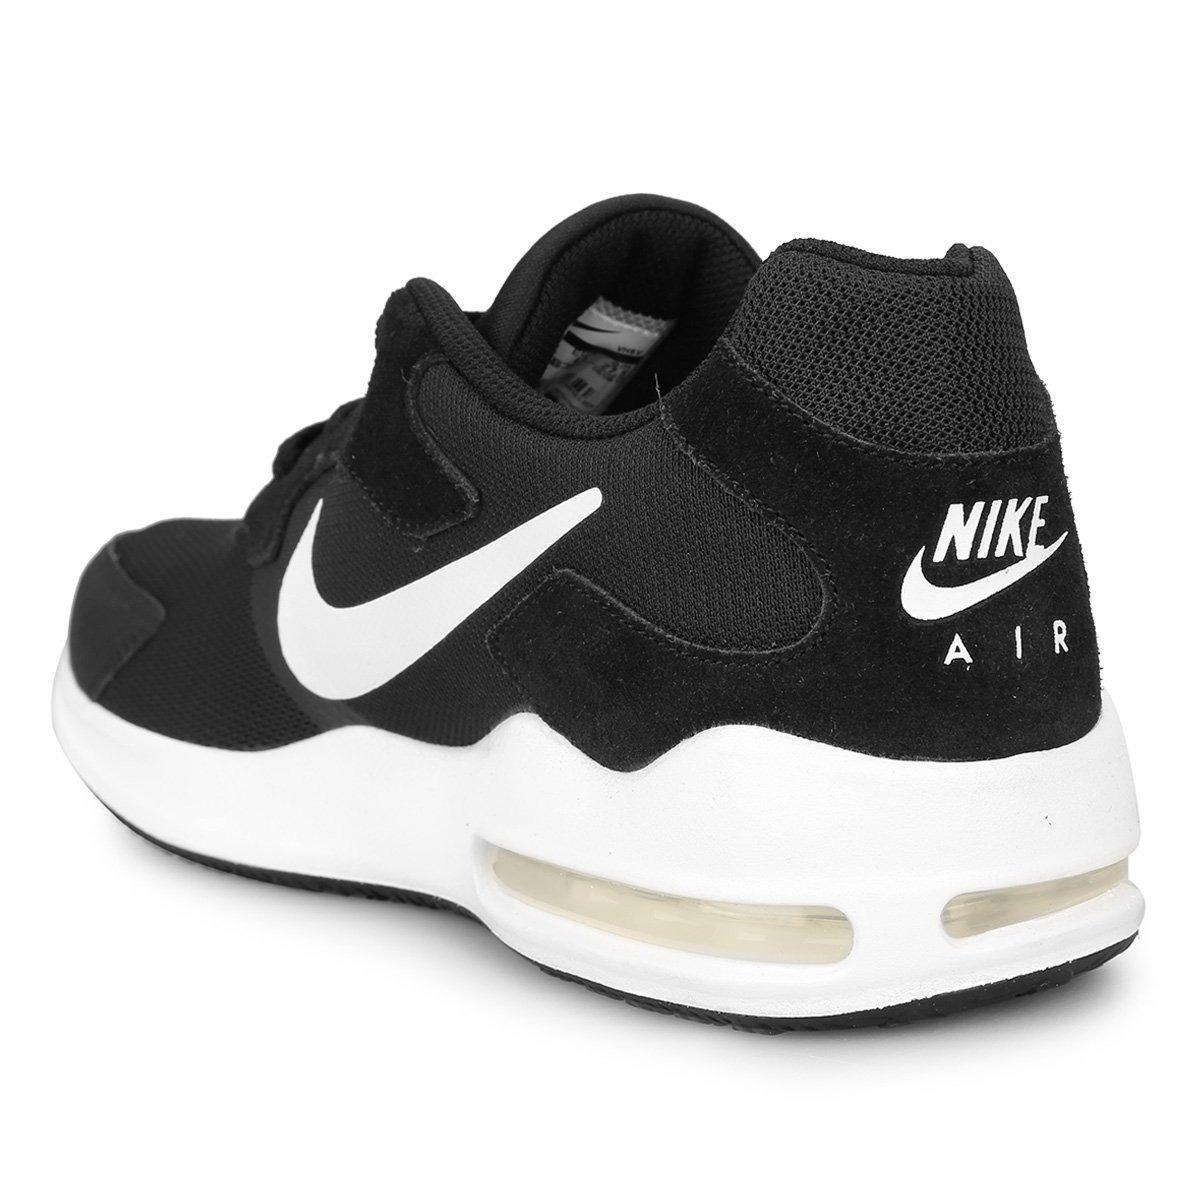 2a06d491f7f Zapatillas Nike Modelo Air Max Guile - (004) - Street Urban ...